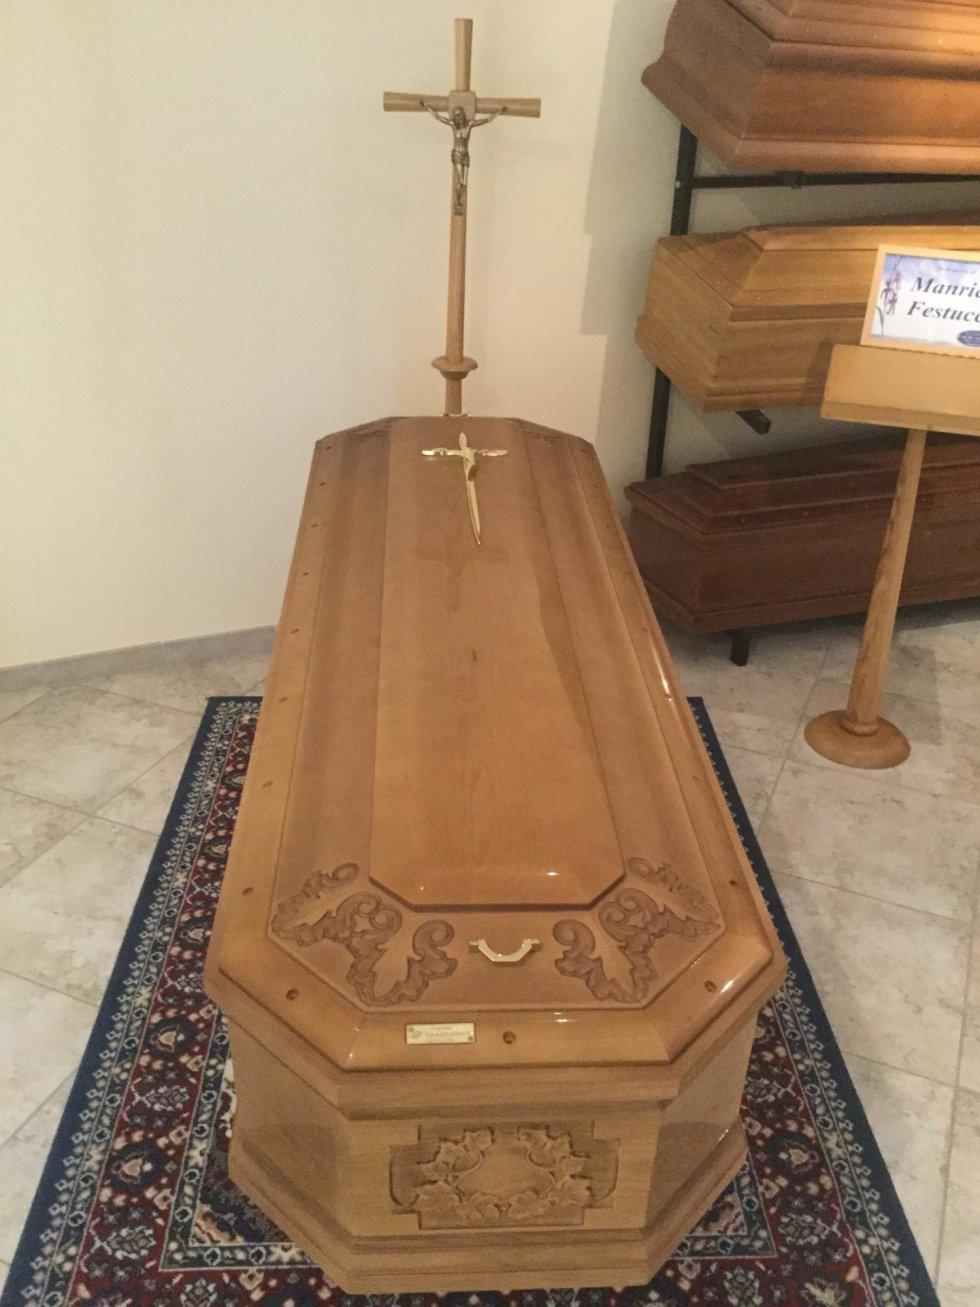 un cofano funebre in legno su un tappeto